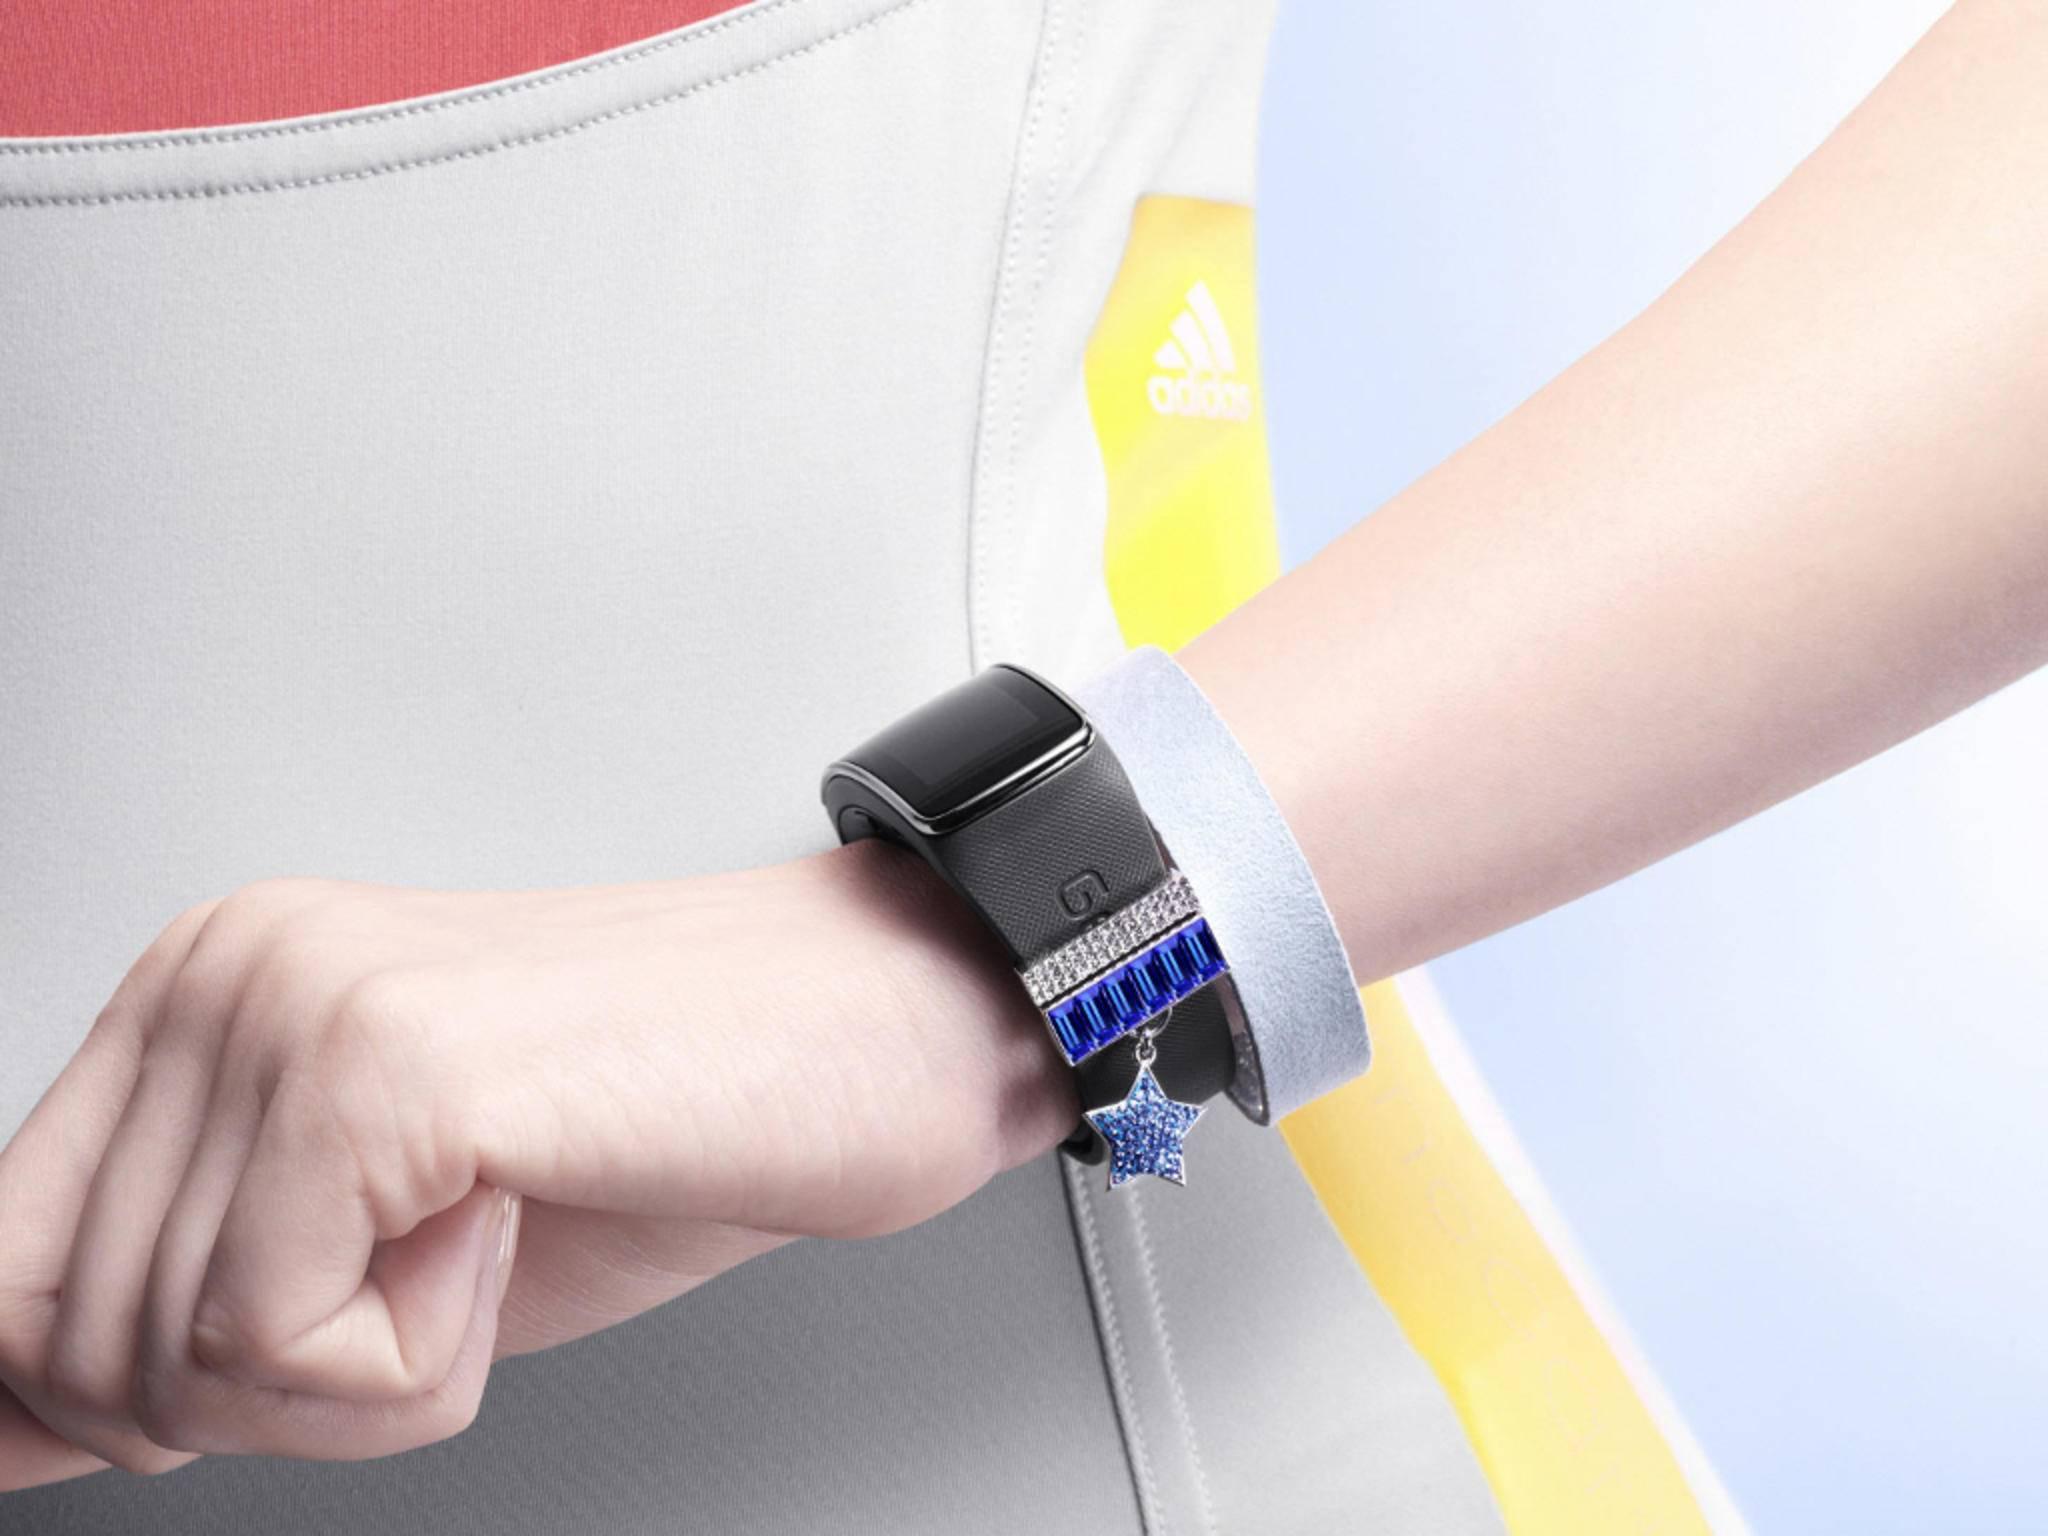 Das Samsung Gear Fit 2 soll eine Reihe neuer Funktionen mitbringen.